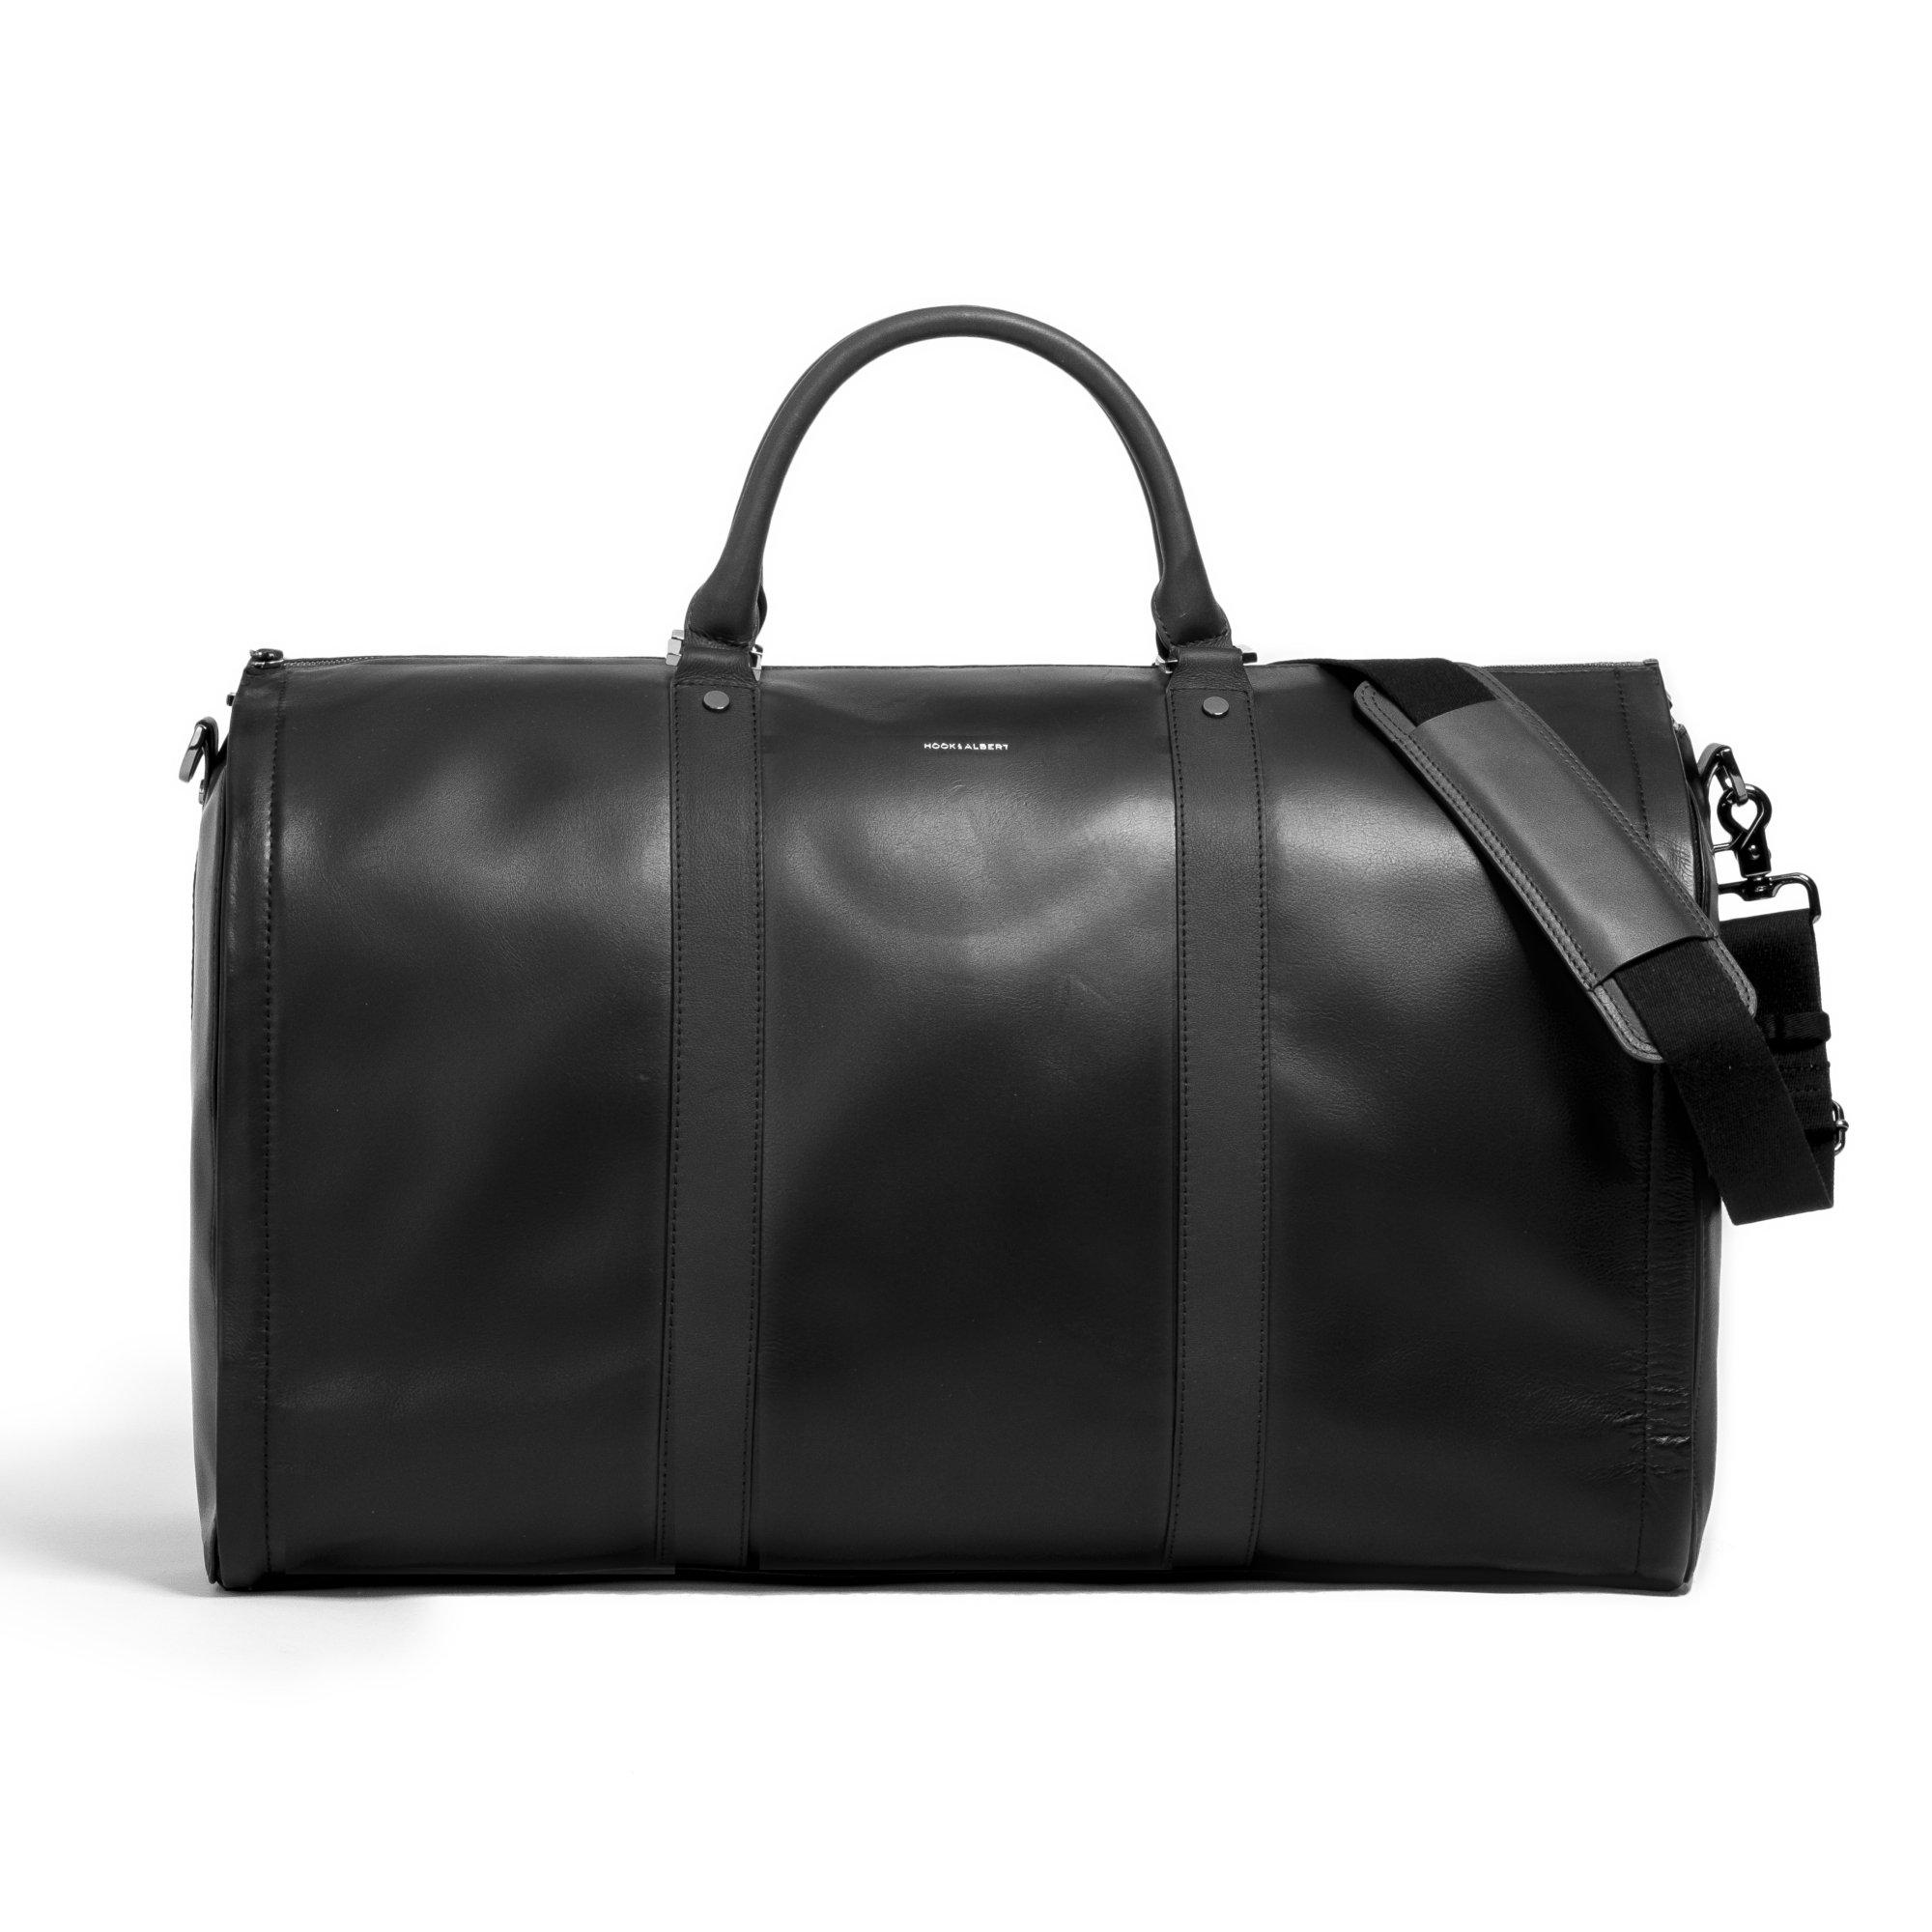 Project 11 Garment Weekender Black Leather bag by Hook & Albert